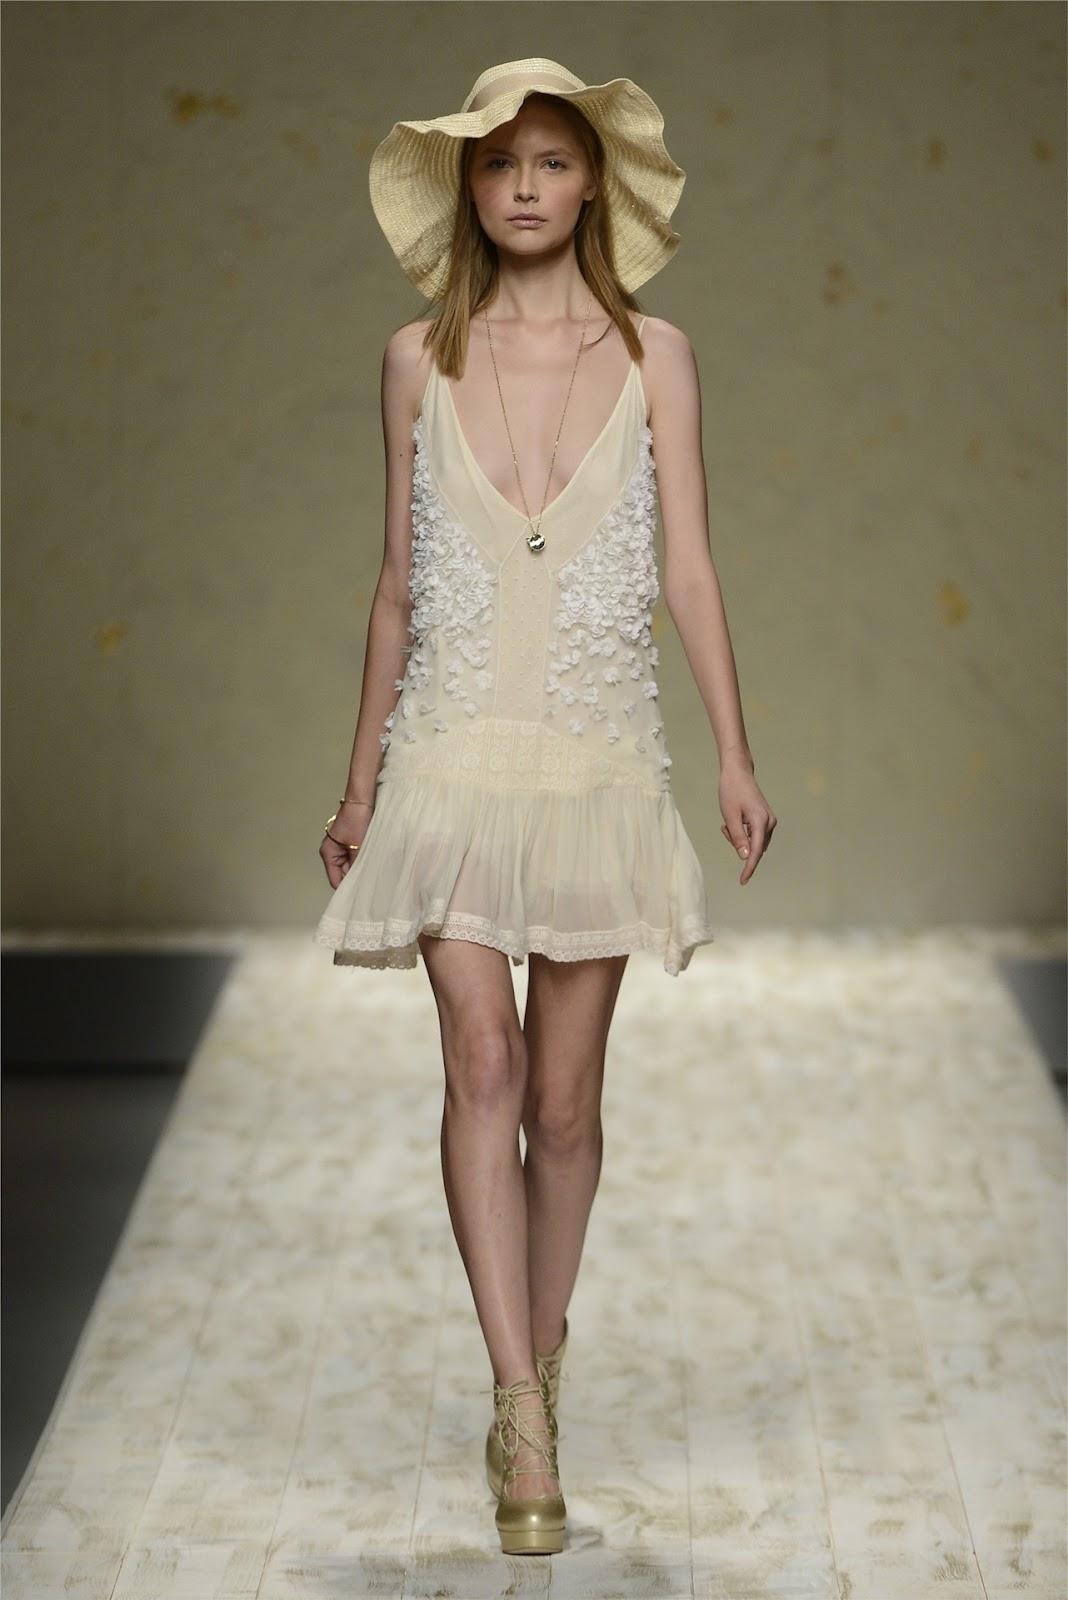 http://2.bp.blogspot.com/-WeB3eyKDe6s/UF74YnwF1BI/AAAAAAAANIw/EtUqDrNXaag/s1600/Milano+Fashion+Week+-+Blugirl+(Spring-Summer+2013)+10.jpg